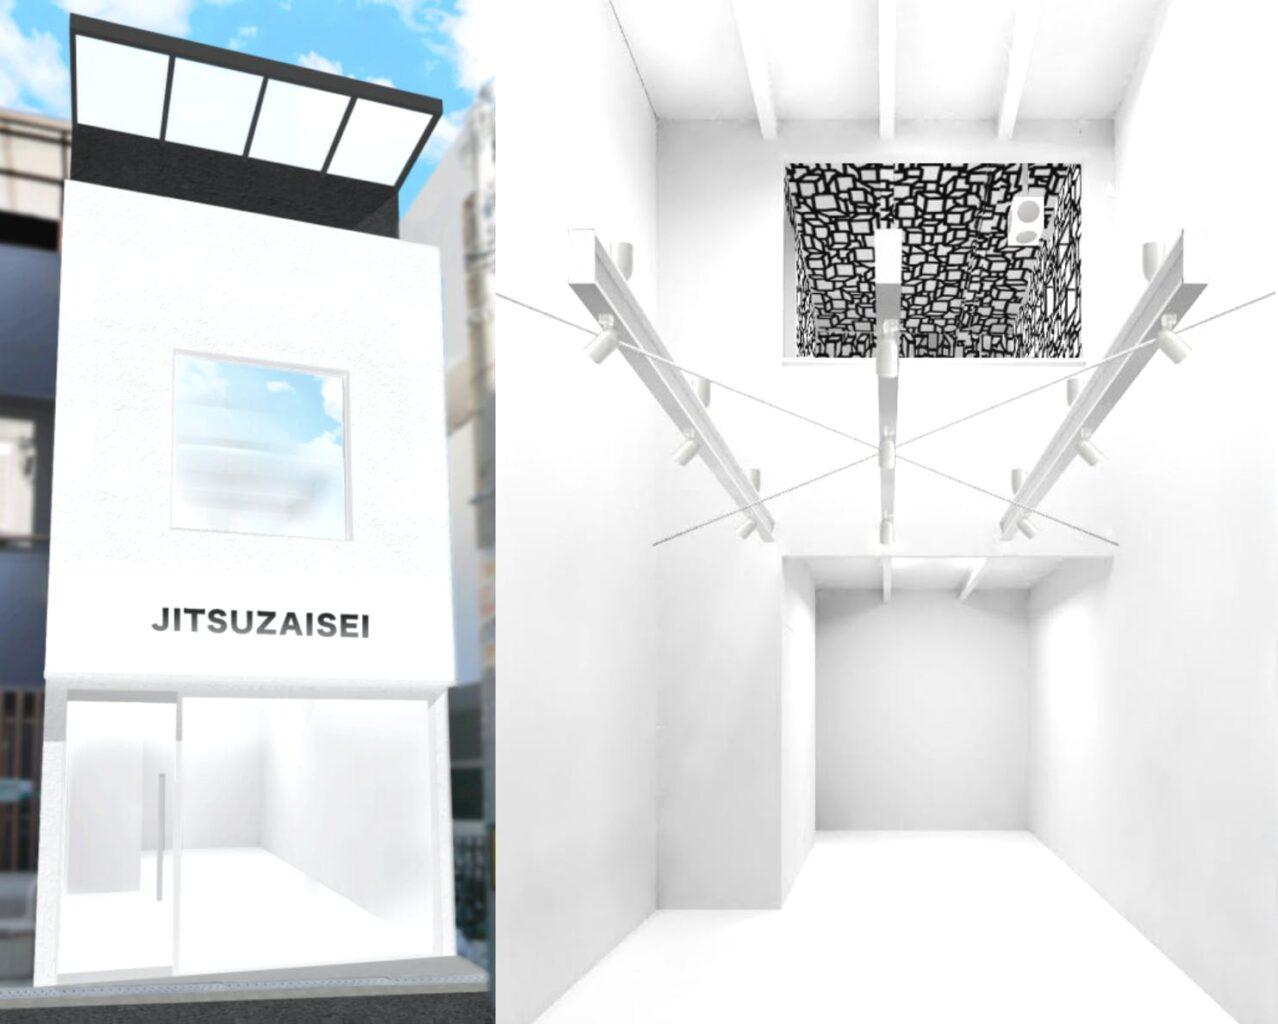 アーティスト・MINAMI MIYAJIMAが立ち上げる新スペース「JITSUZAISEI」、40名以上が参加するグループ展でスタート。クラウドファンディングの支援者のみに住所公開。